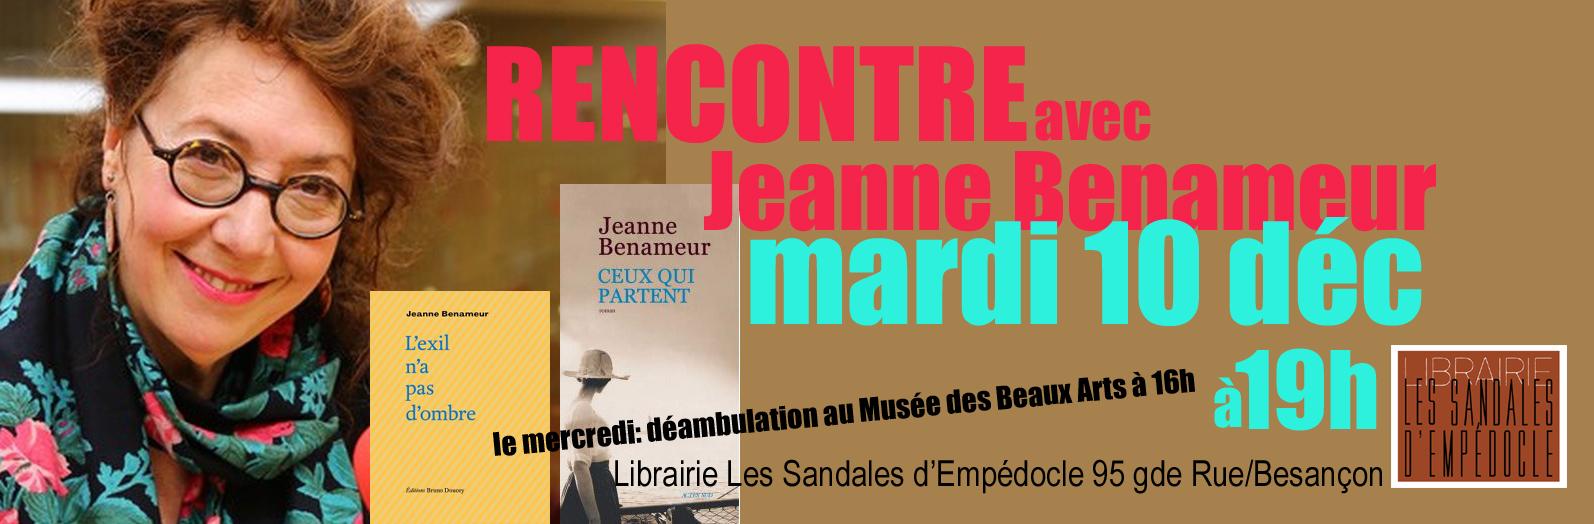 Jeanne Benameur revient...